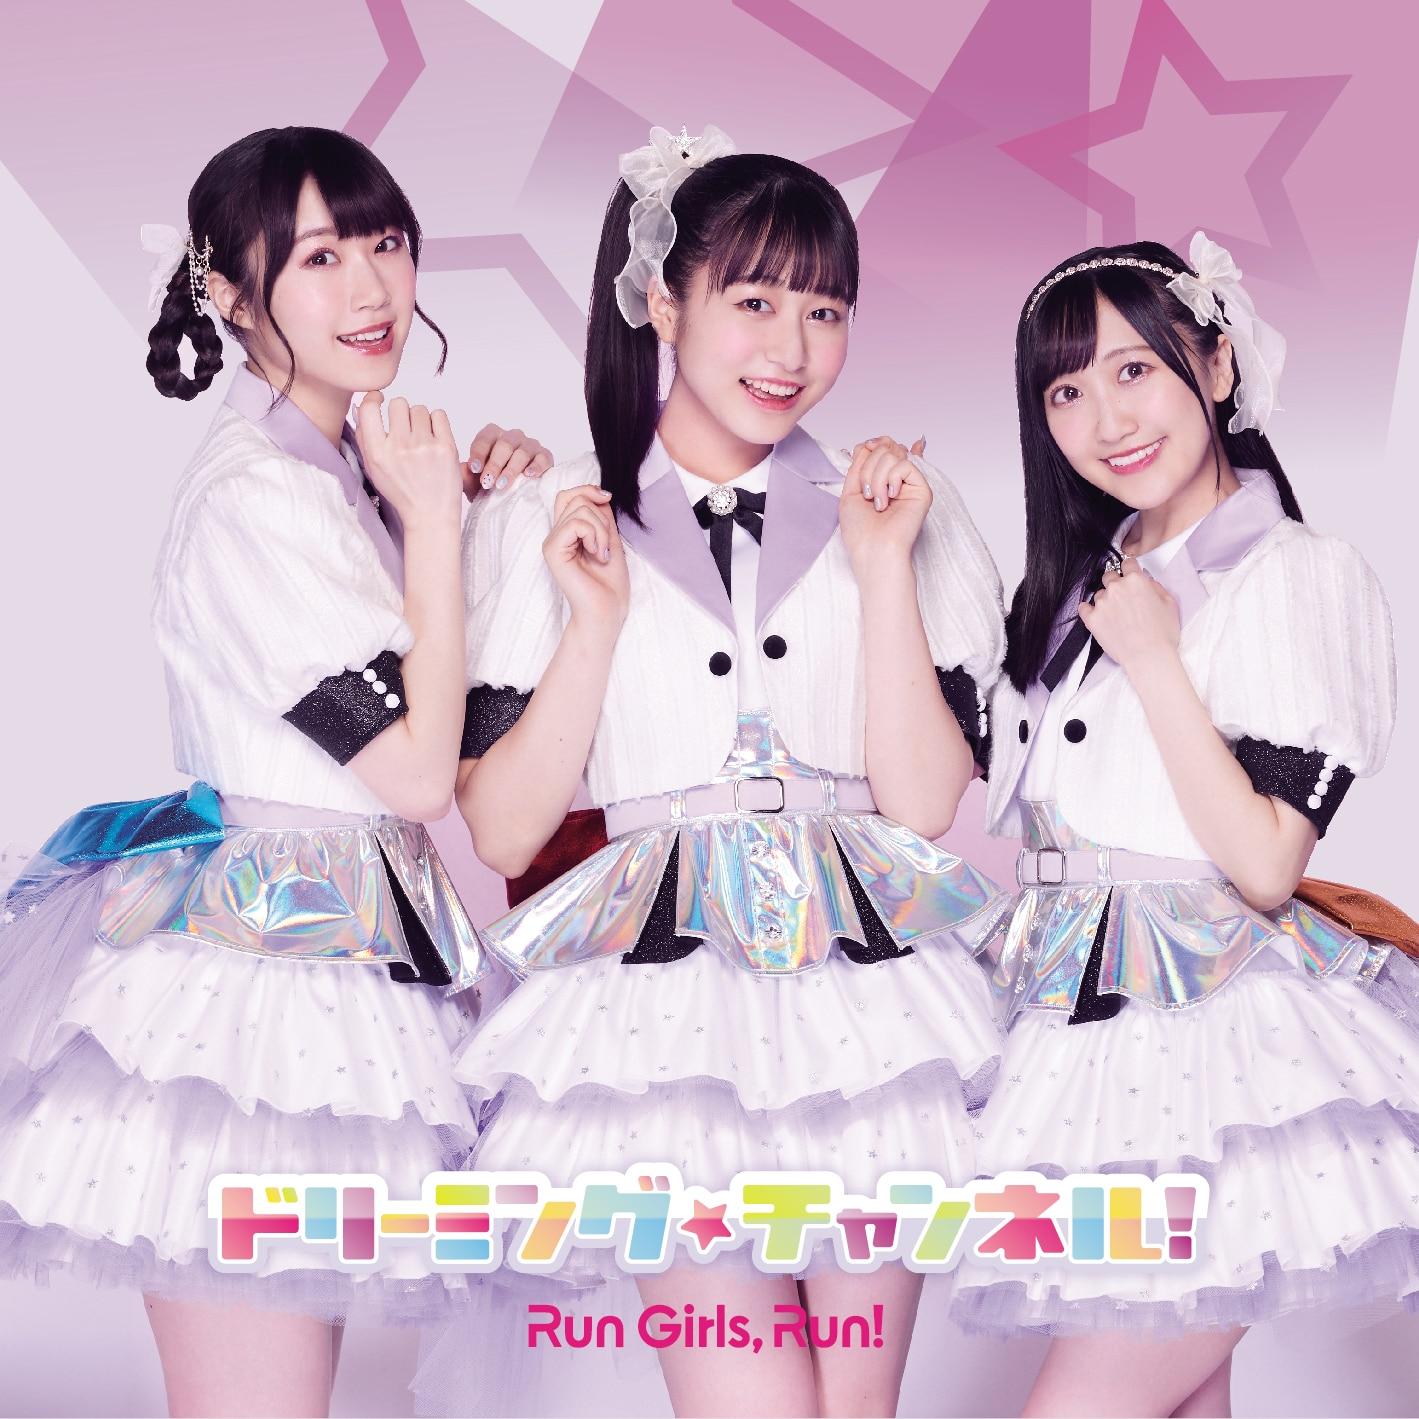 新曲「ドリーミング☆チャンネル!」5月19日発売決定!